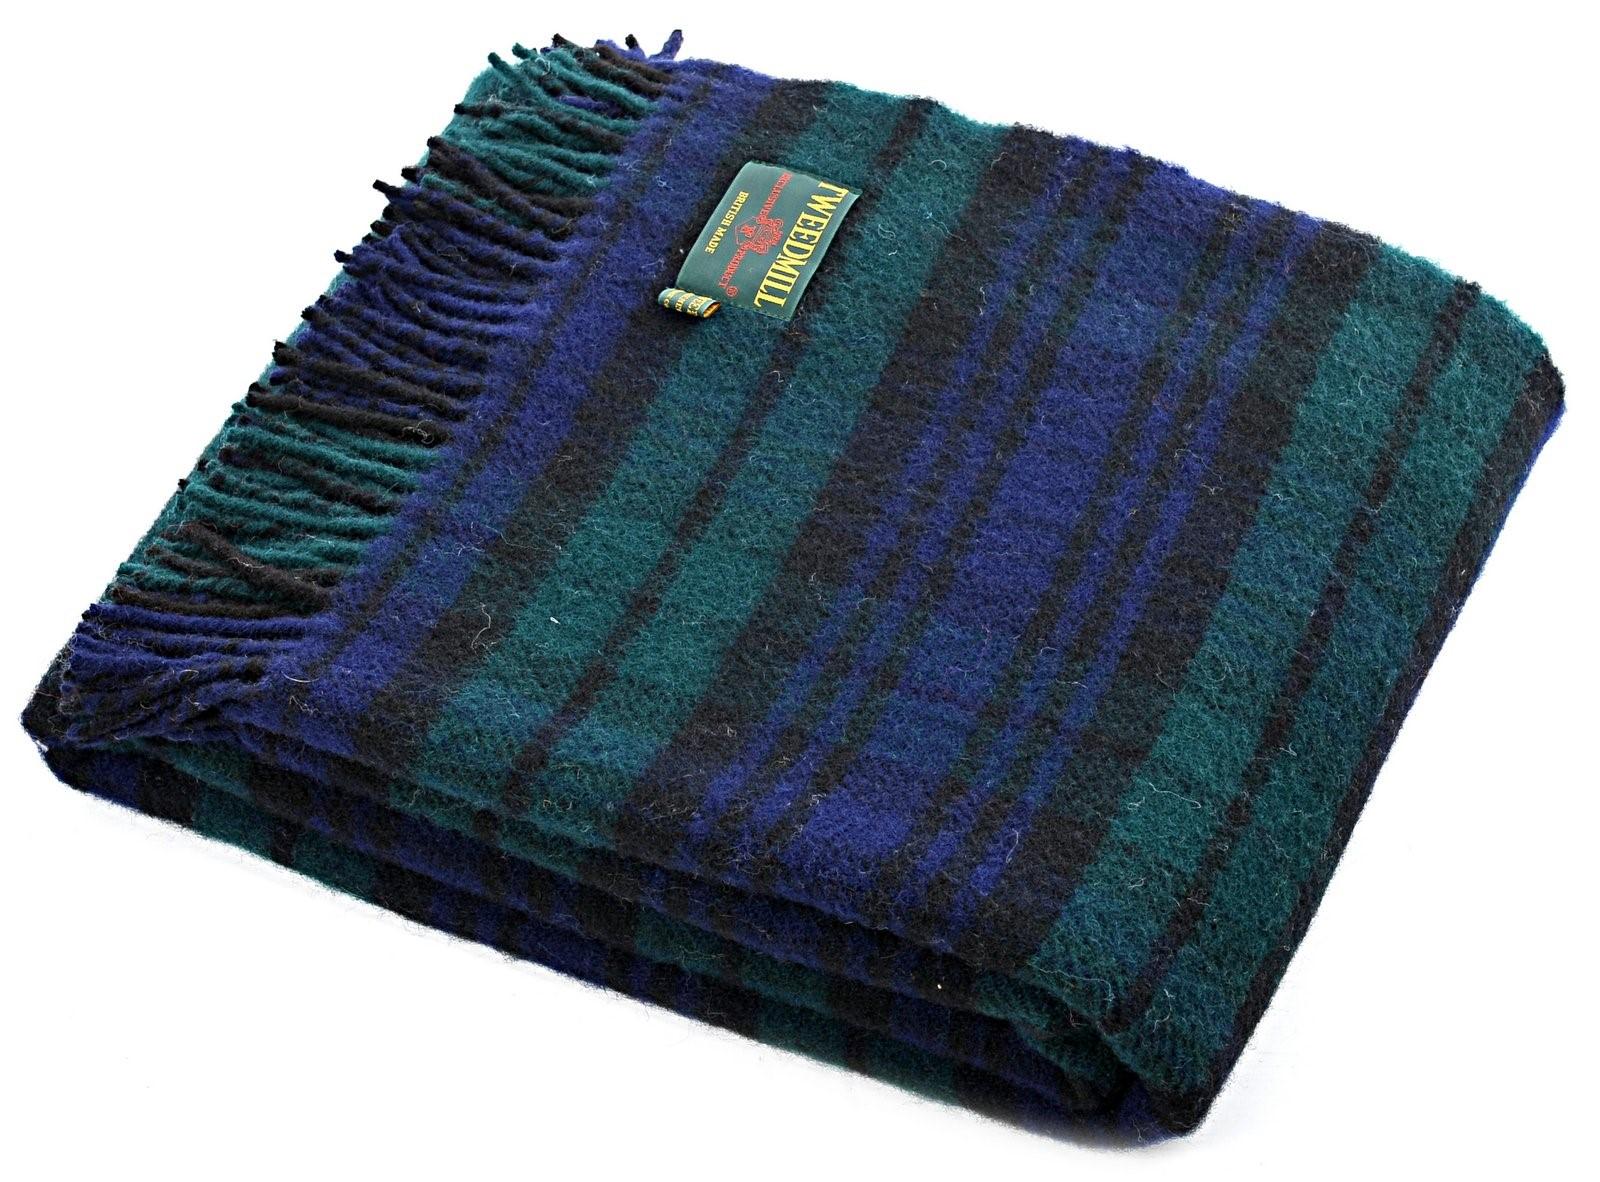 Wool Blanket Online British Made Gifts Black Watch